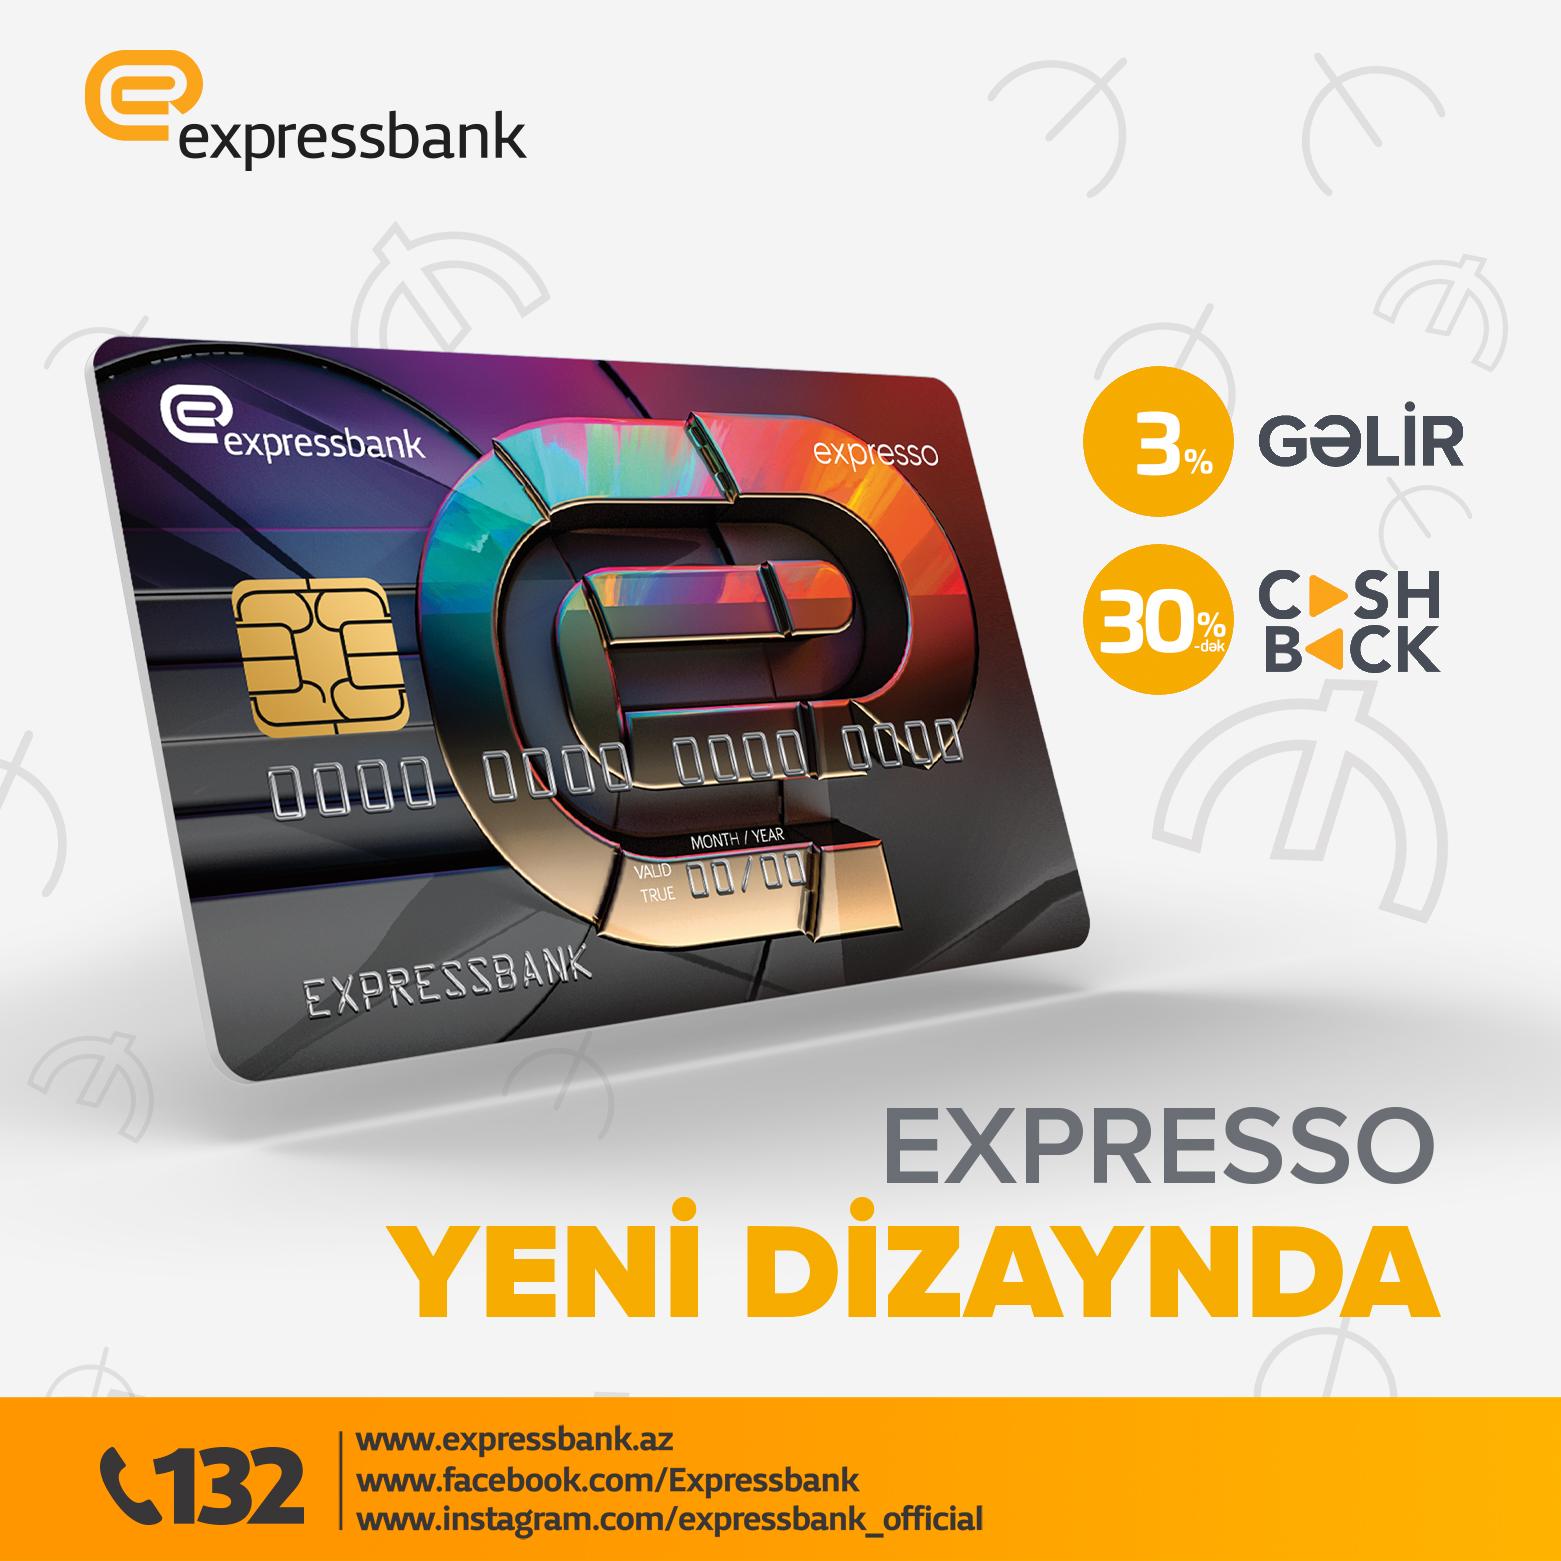 Məşhur Expresso kartı yenilənmiş dizaynda!